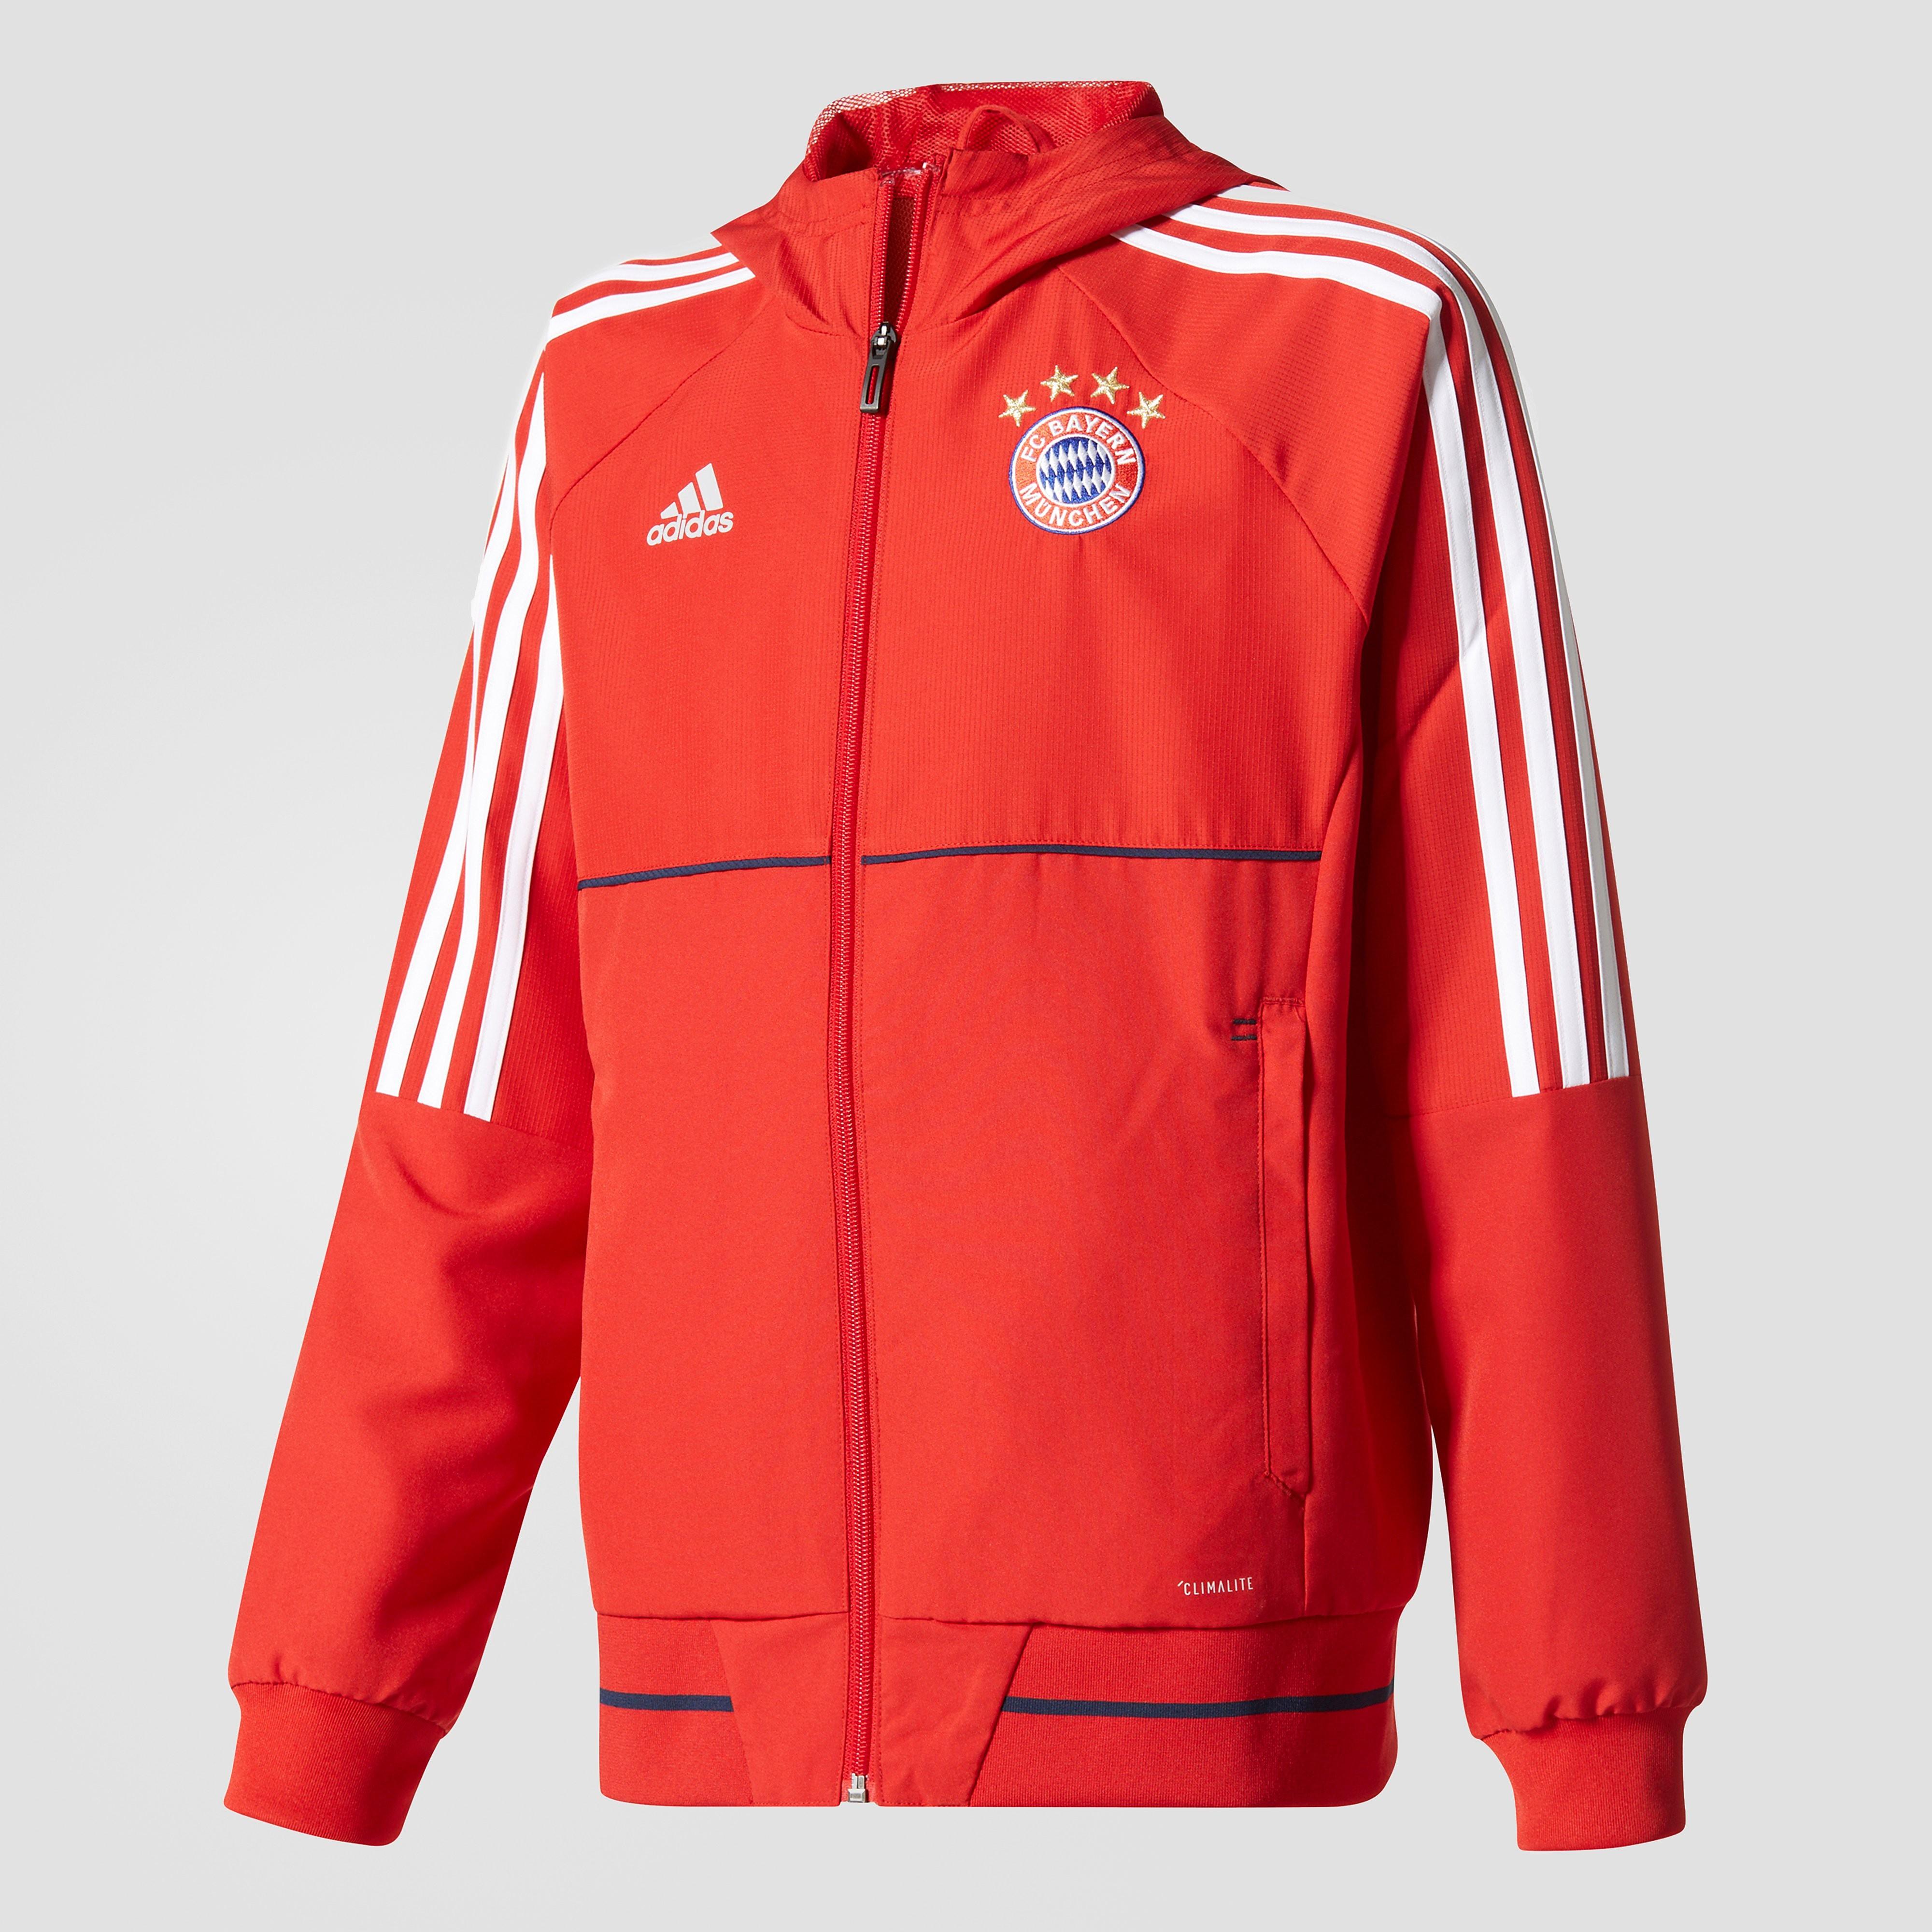 ADIDAS FC BAYERN MÜNCHEN PRESENTATIEJAS 17/18 ROOD/WIT KINDEREN